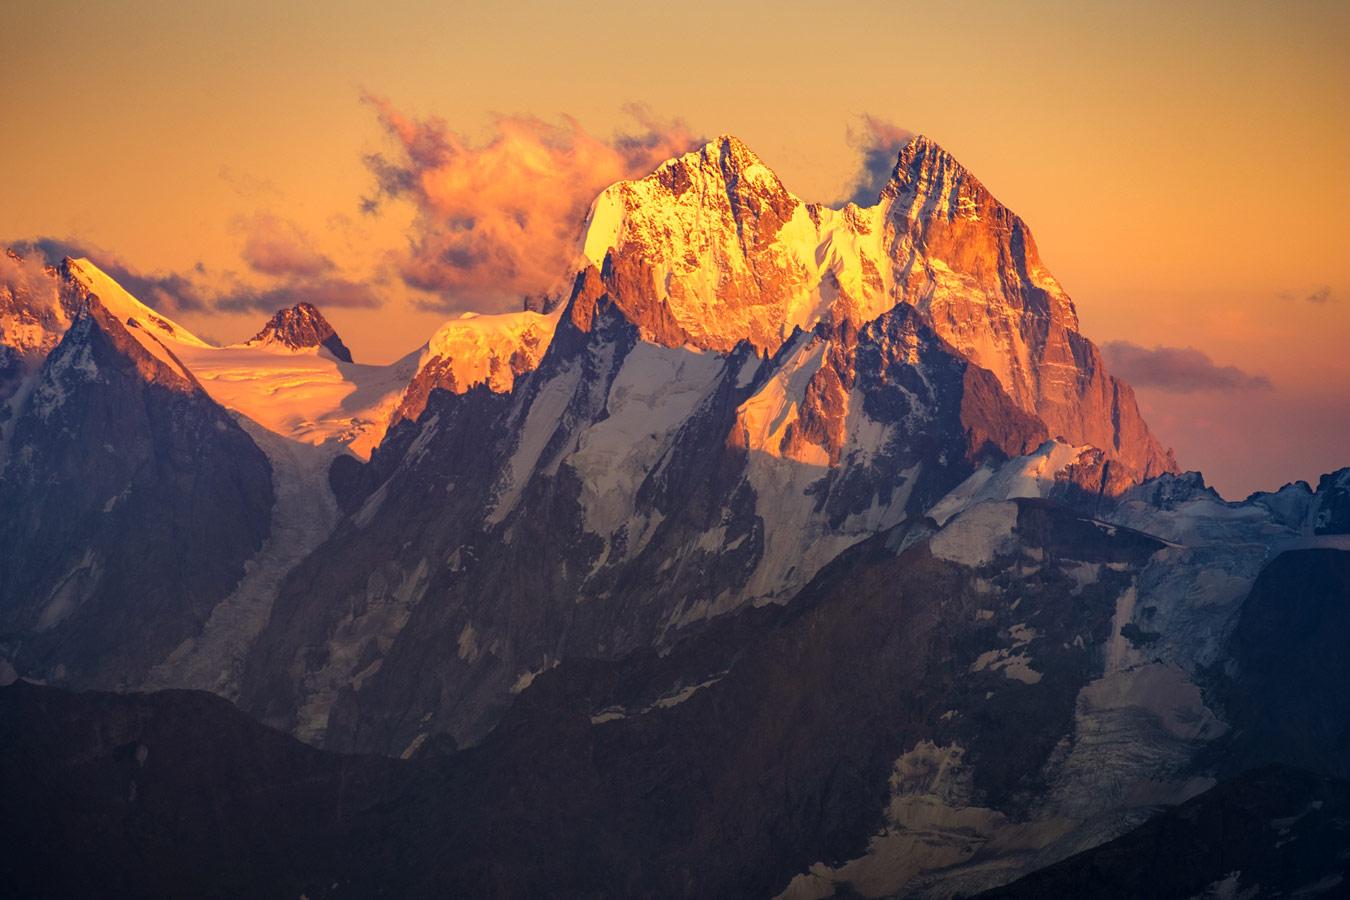 Рассвет на Эльбрусе, © Igor Kopytov, Эльбрус, 2018, Фотоконкурс «О высоком» от National Geographic Россия